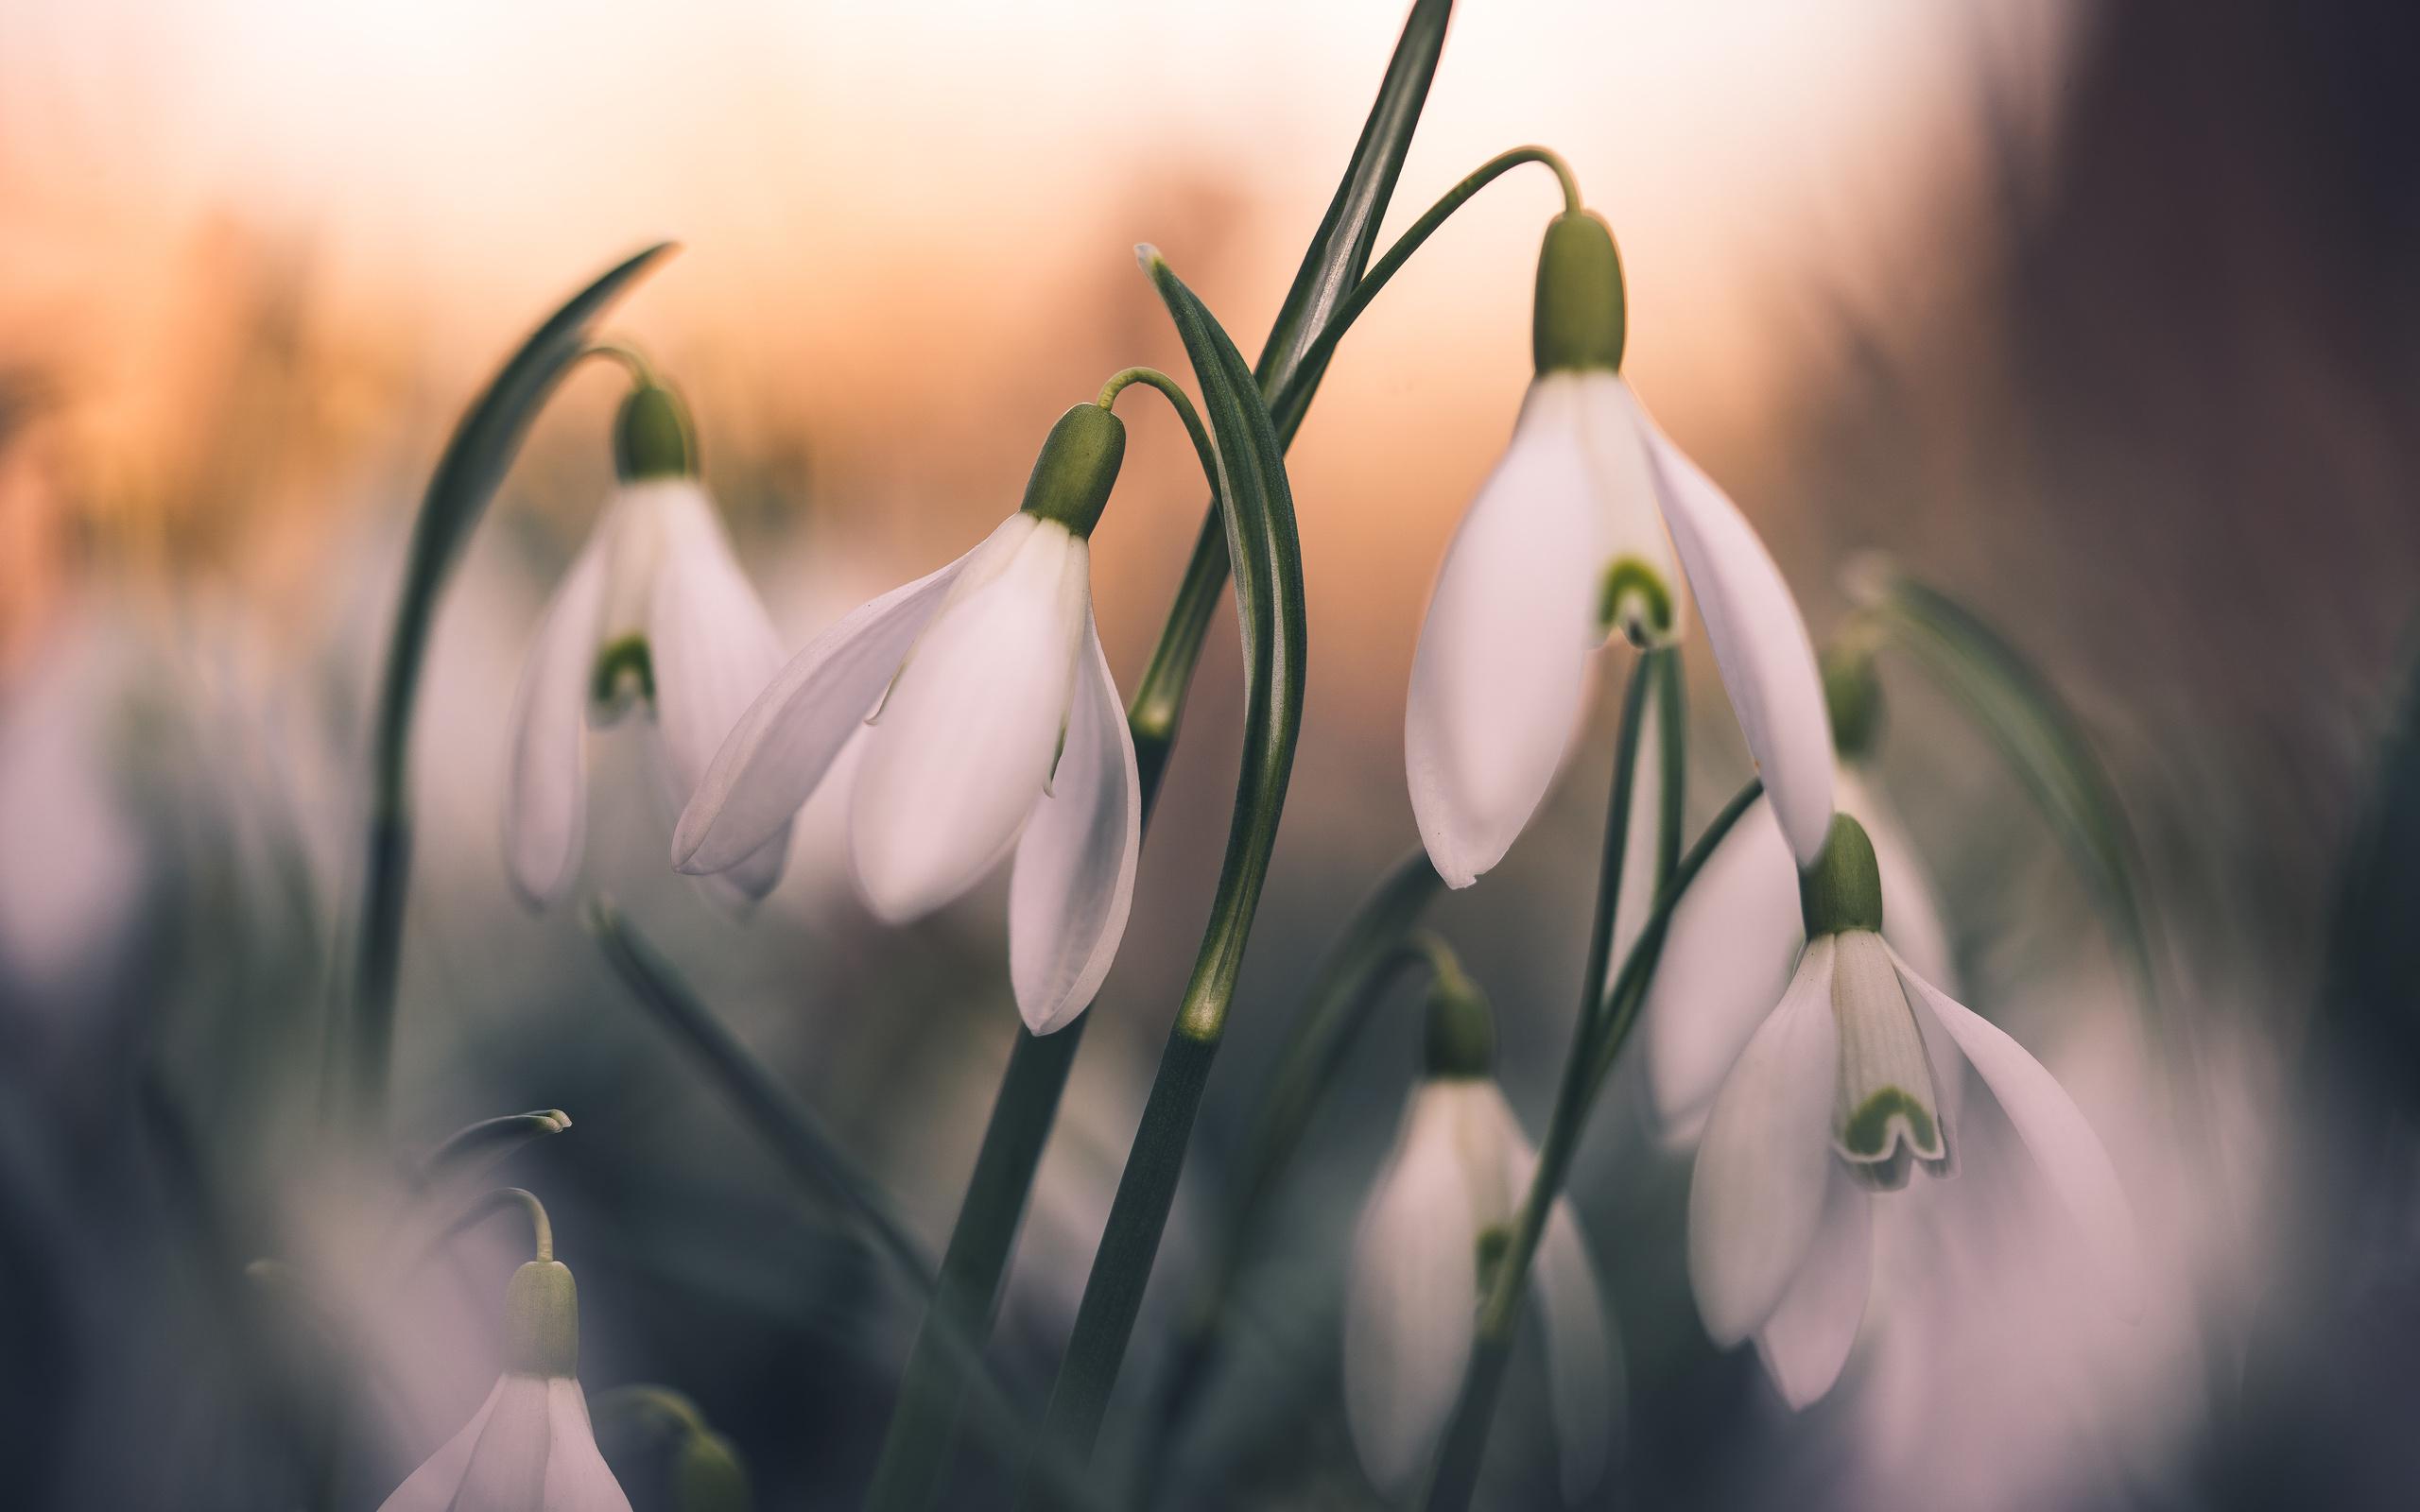 природа, весна, цветы, первоцветы, подснежники, макро